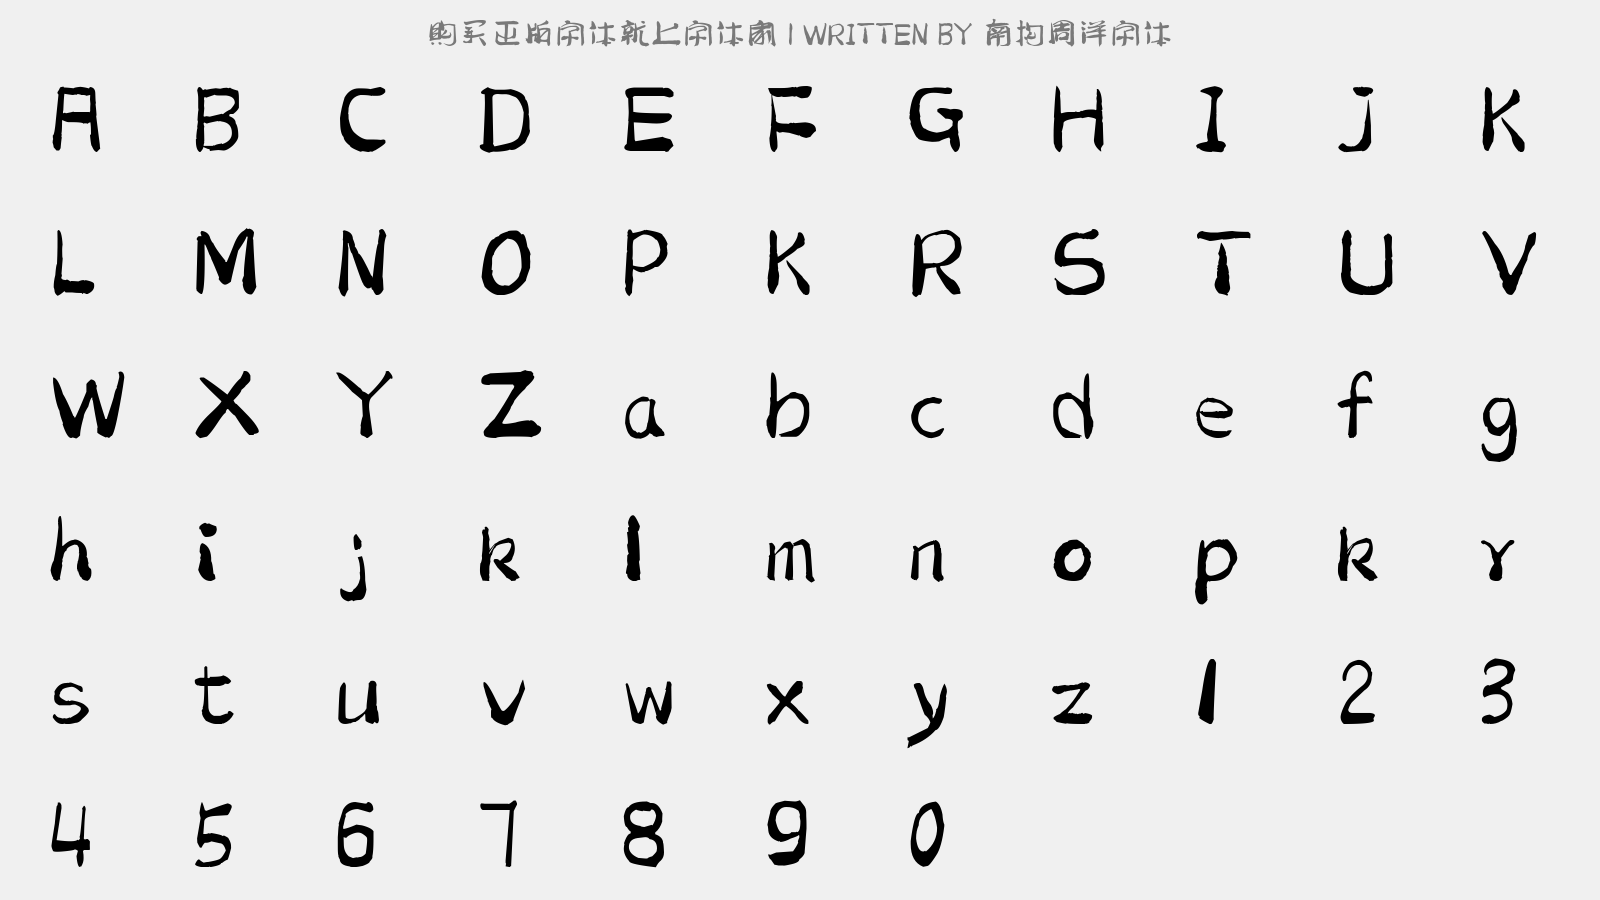 倉耳章魚小丸子體 - 大寫字母/小寫字母/數字